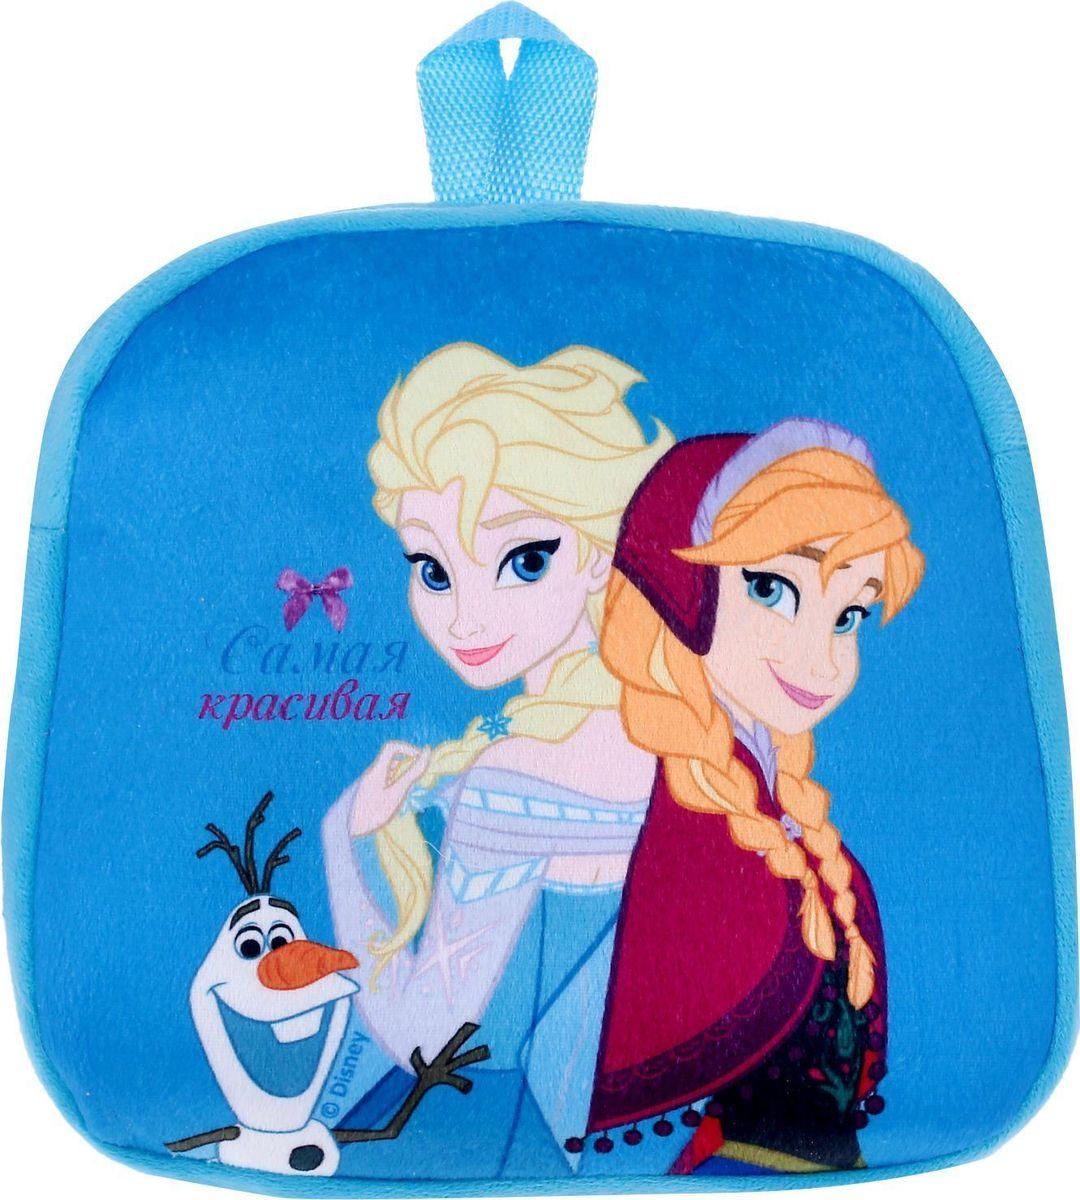 Disney Рюкзак дошкольный Холодное сердце Самая красивая цвет голубой730396Детки обожают брать с собой игрушки. Для этого отлично подойдёт небольшой, но вместительный рюкзачок с персонажем Disney!Это не просто сумочка, но и безумно приятная на ощупь игрушка! Каждая вещь изготовлена с любовью из качественного мягкого плюша.Молния надёжно сохранит все вещи внутри, а регулируемые ремешки сделают время, проведённое с любимым героем, ещё комфортнее! Сверху также имеется удобная ручка.Шильдик с незаполненным полем, который прилагается к каждому аксессуару, вы можете использовать как мини-открытку, если покупаете изделие в подарок.Размеры — 24,5 ? 6 х 24,5 см.